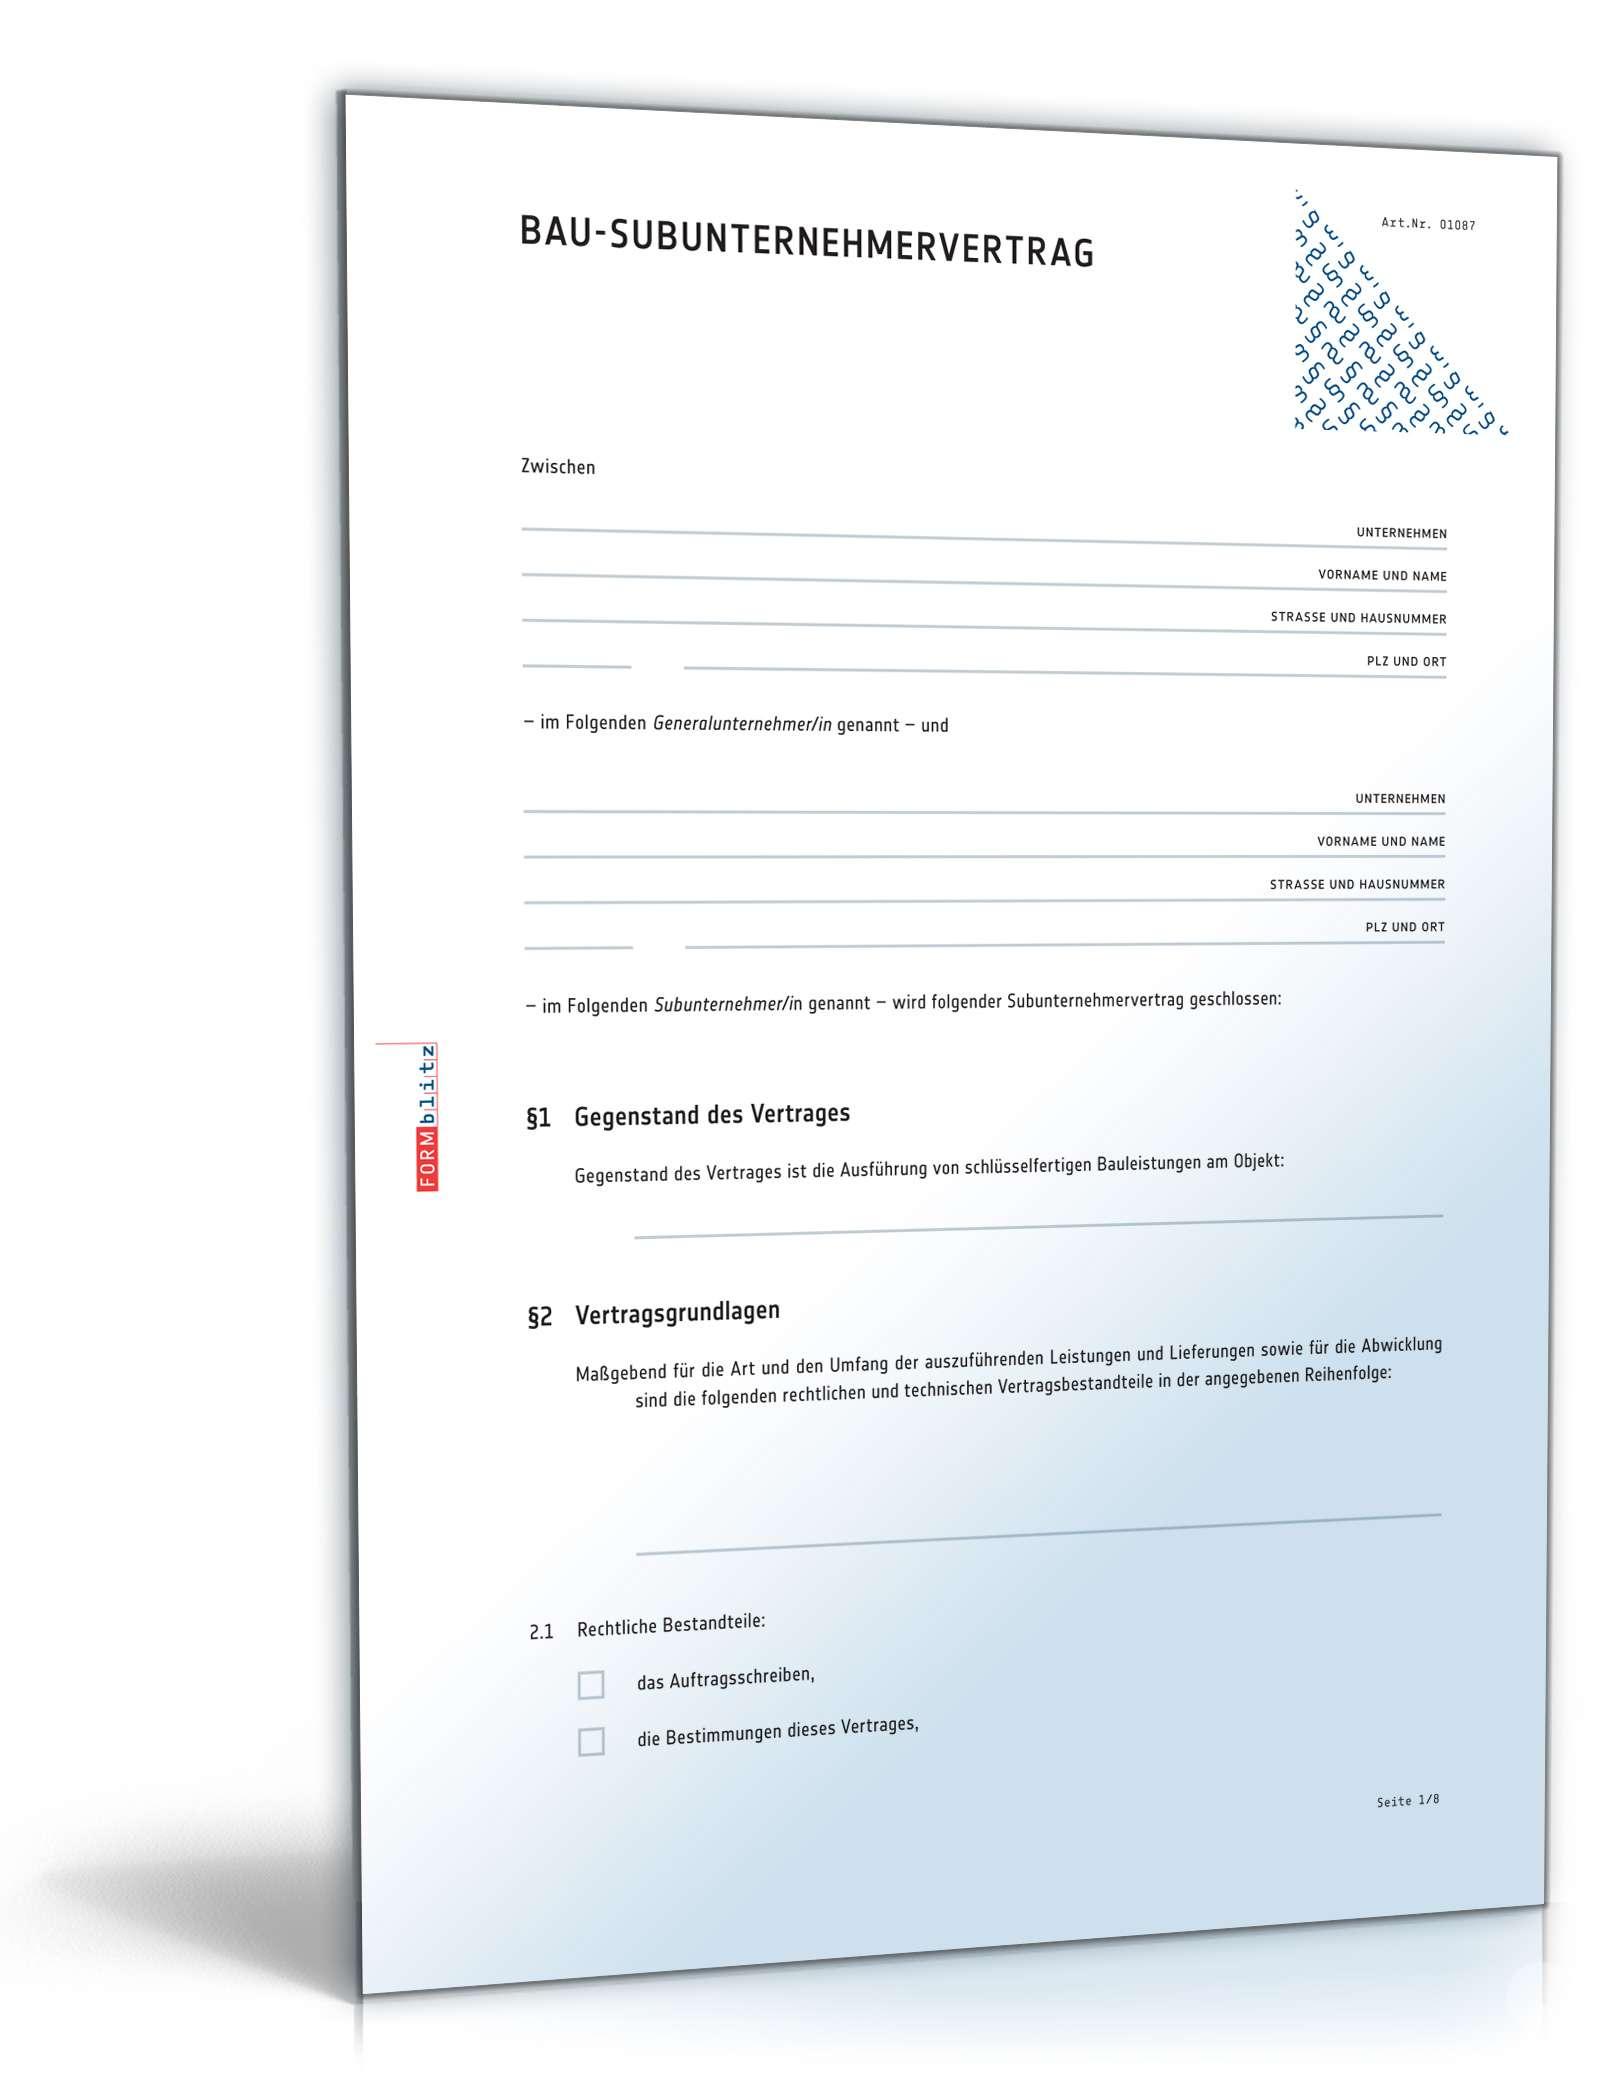 Subunternehmervertrag Bau Rechtssicheres Muster Zum Download